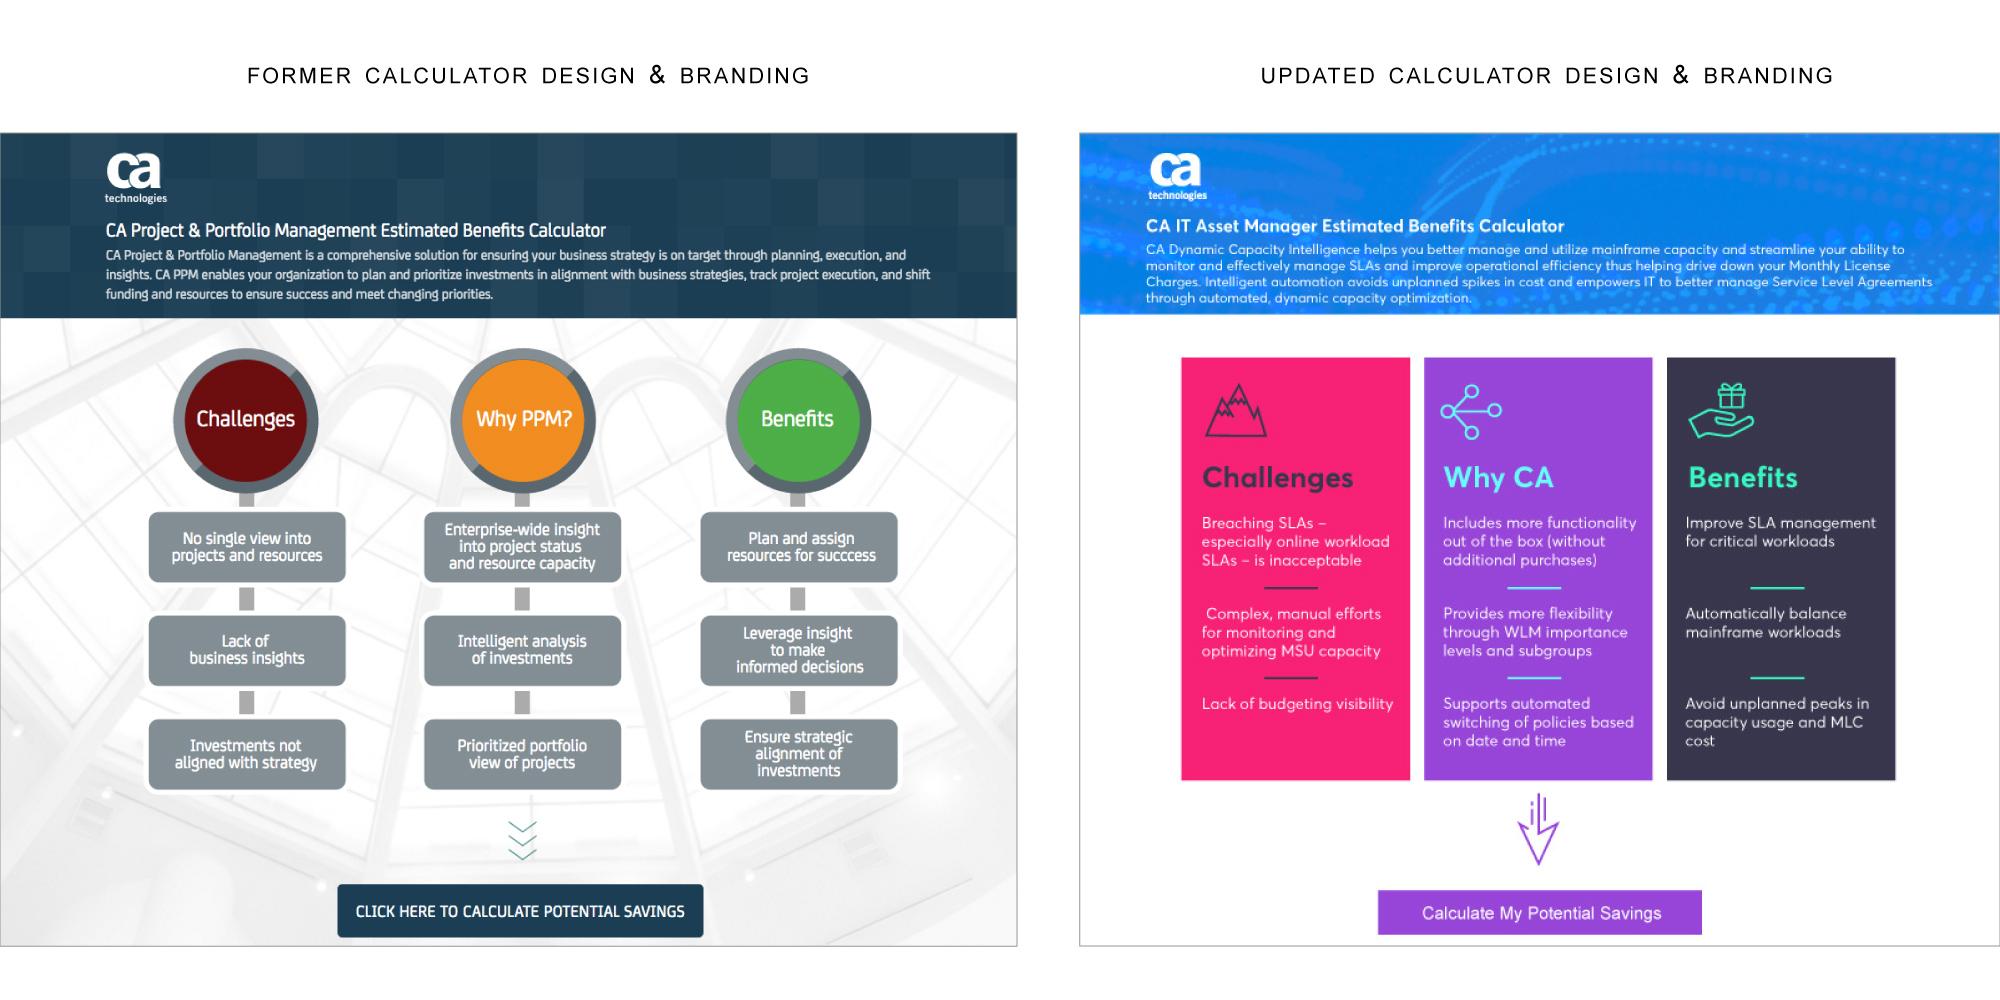 branding comparison of CA calculator